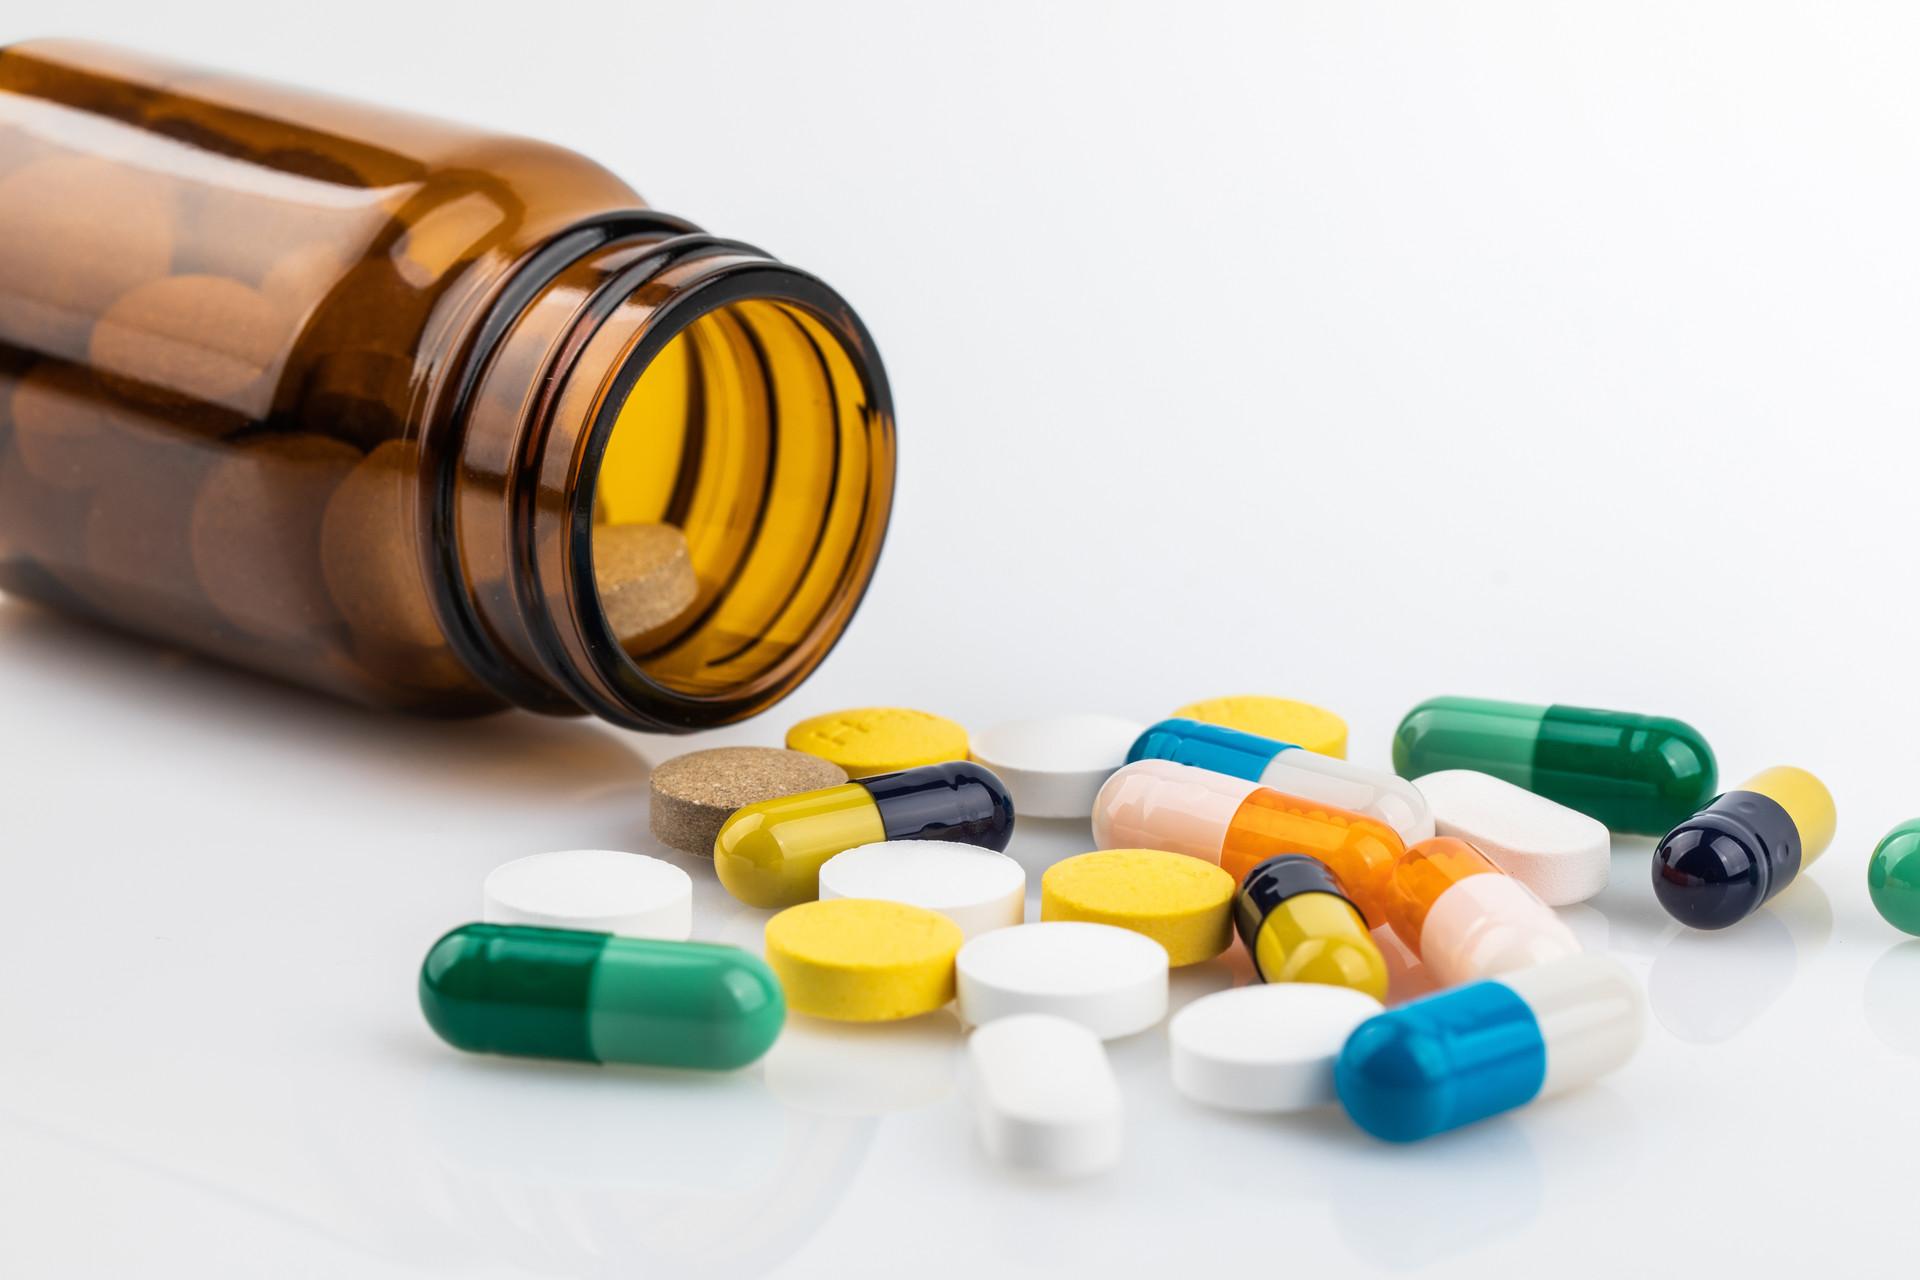 蛋白质多肽药物的研究与探索